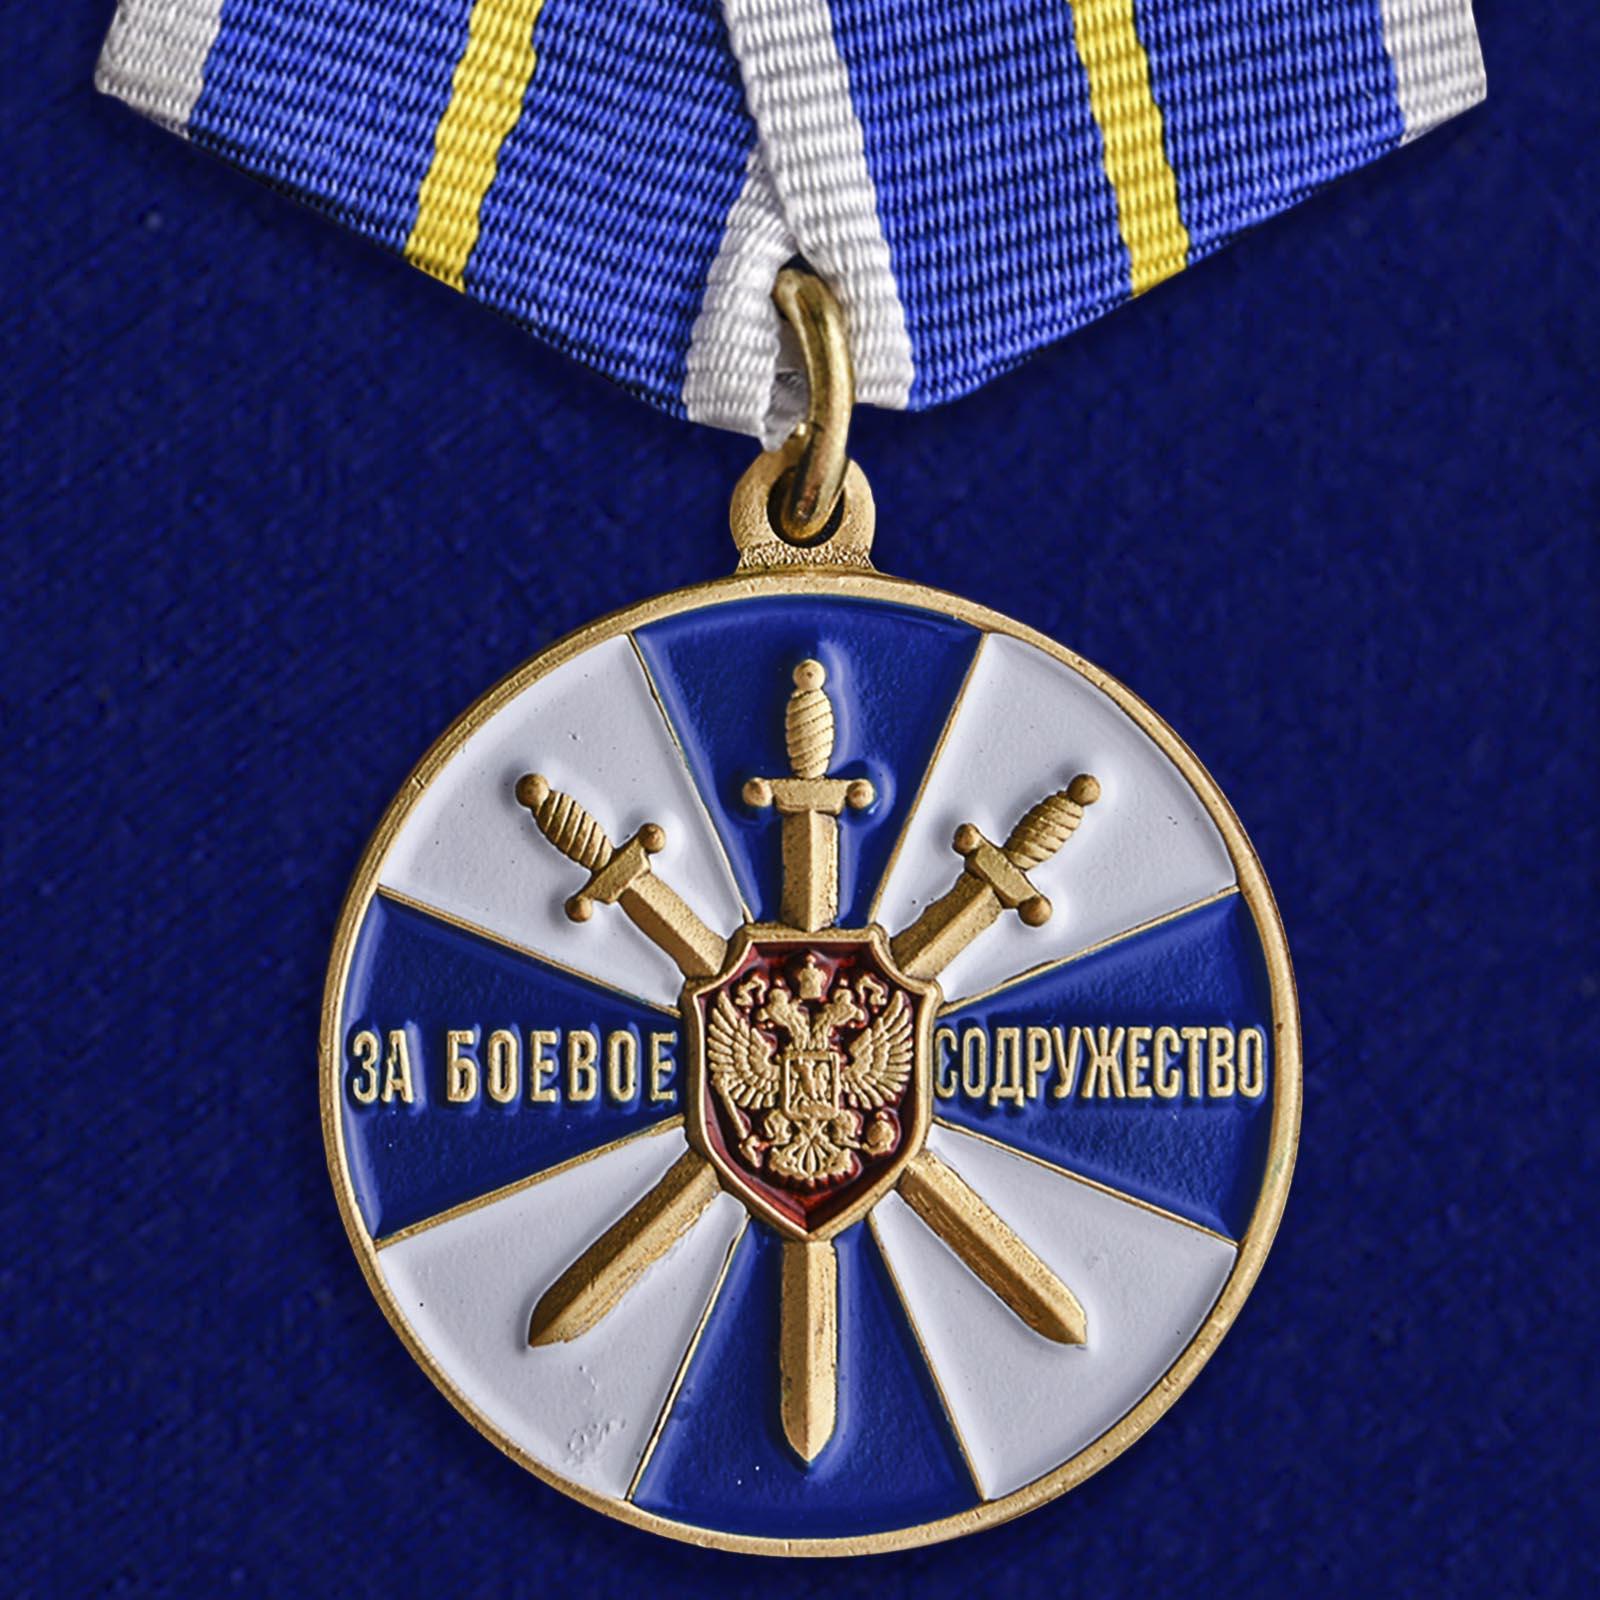 Купить медаль За боевое содружество ФСБ РФ на подставке выгодно